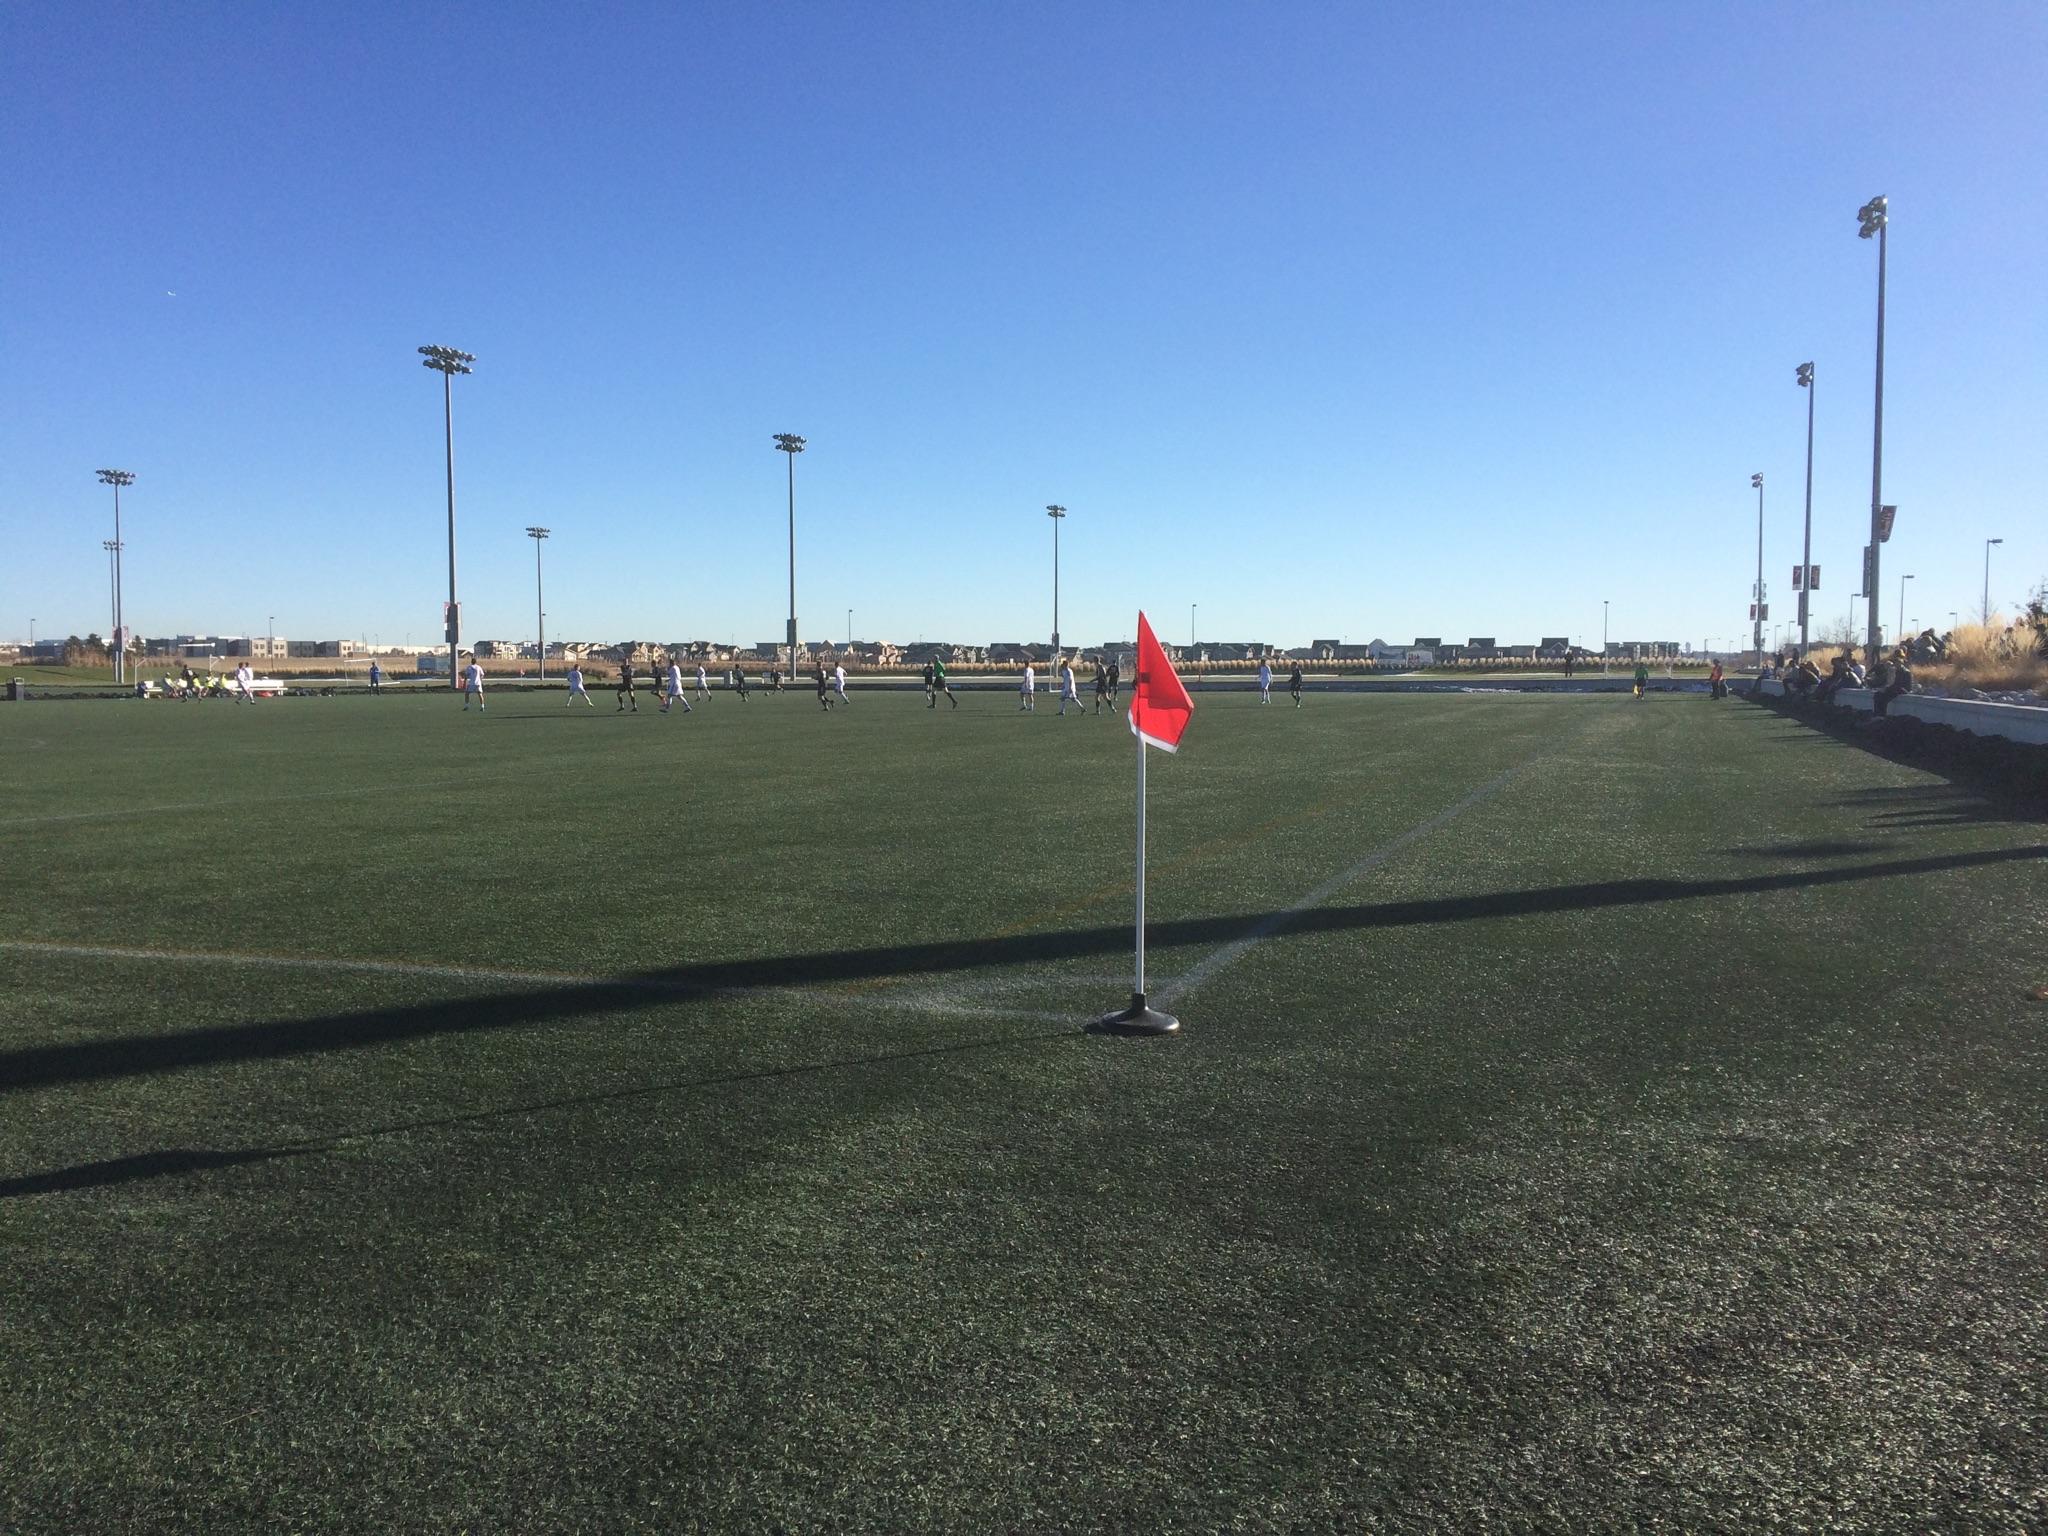 HarposFC vs Colorado Rush in November at DSGP